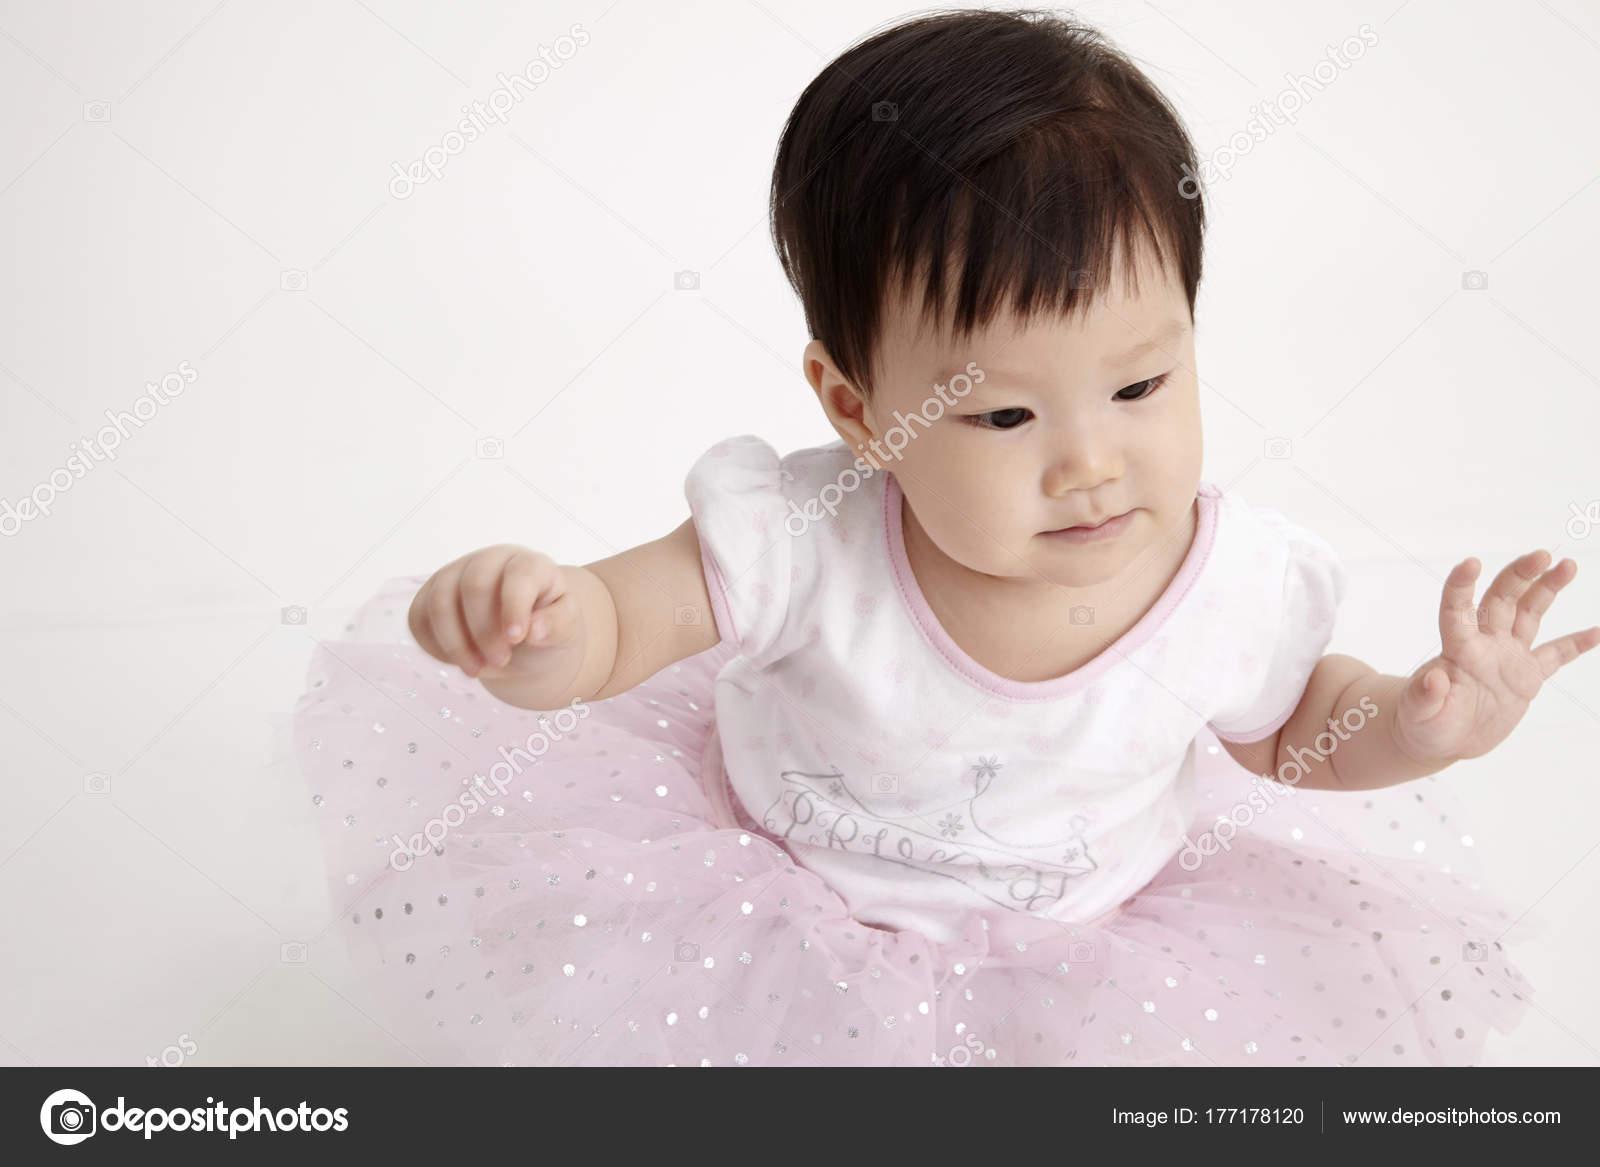 Chinesische Baby Tragen Partykleid — Stockfoto © eskaylim #177178120